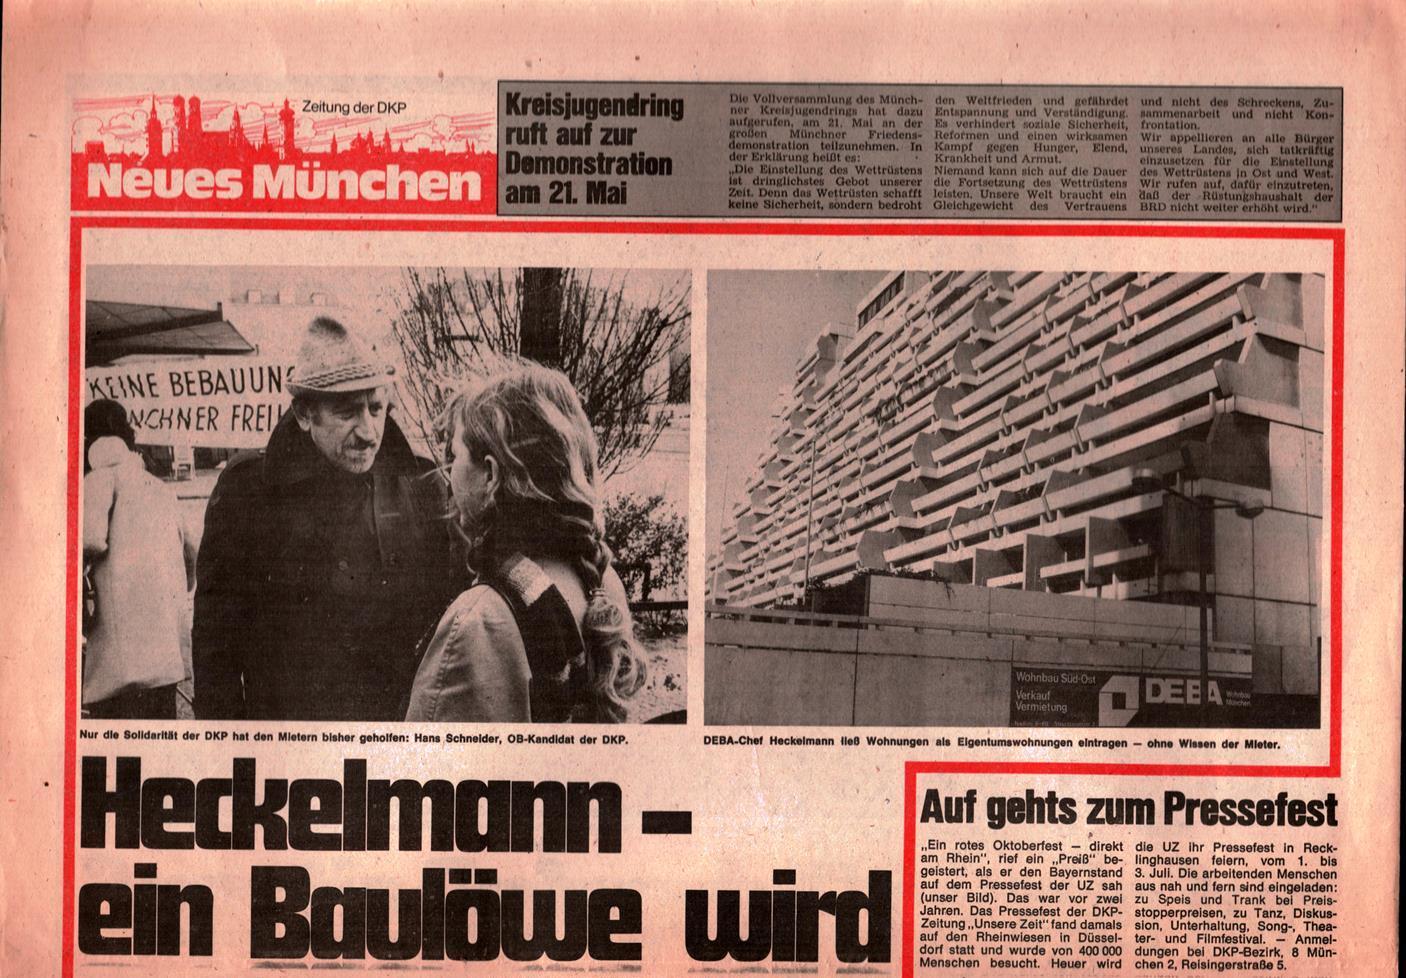 Muenchen_DKP_Neues_Muenchen_19770500_005_007